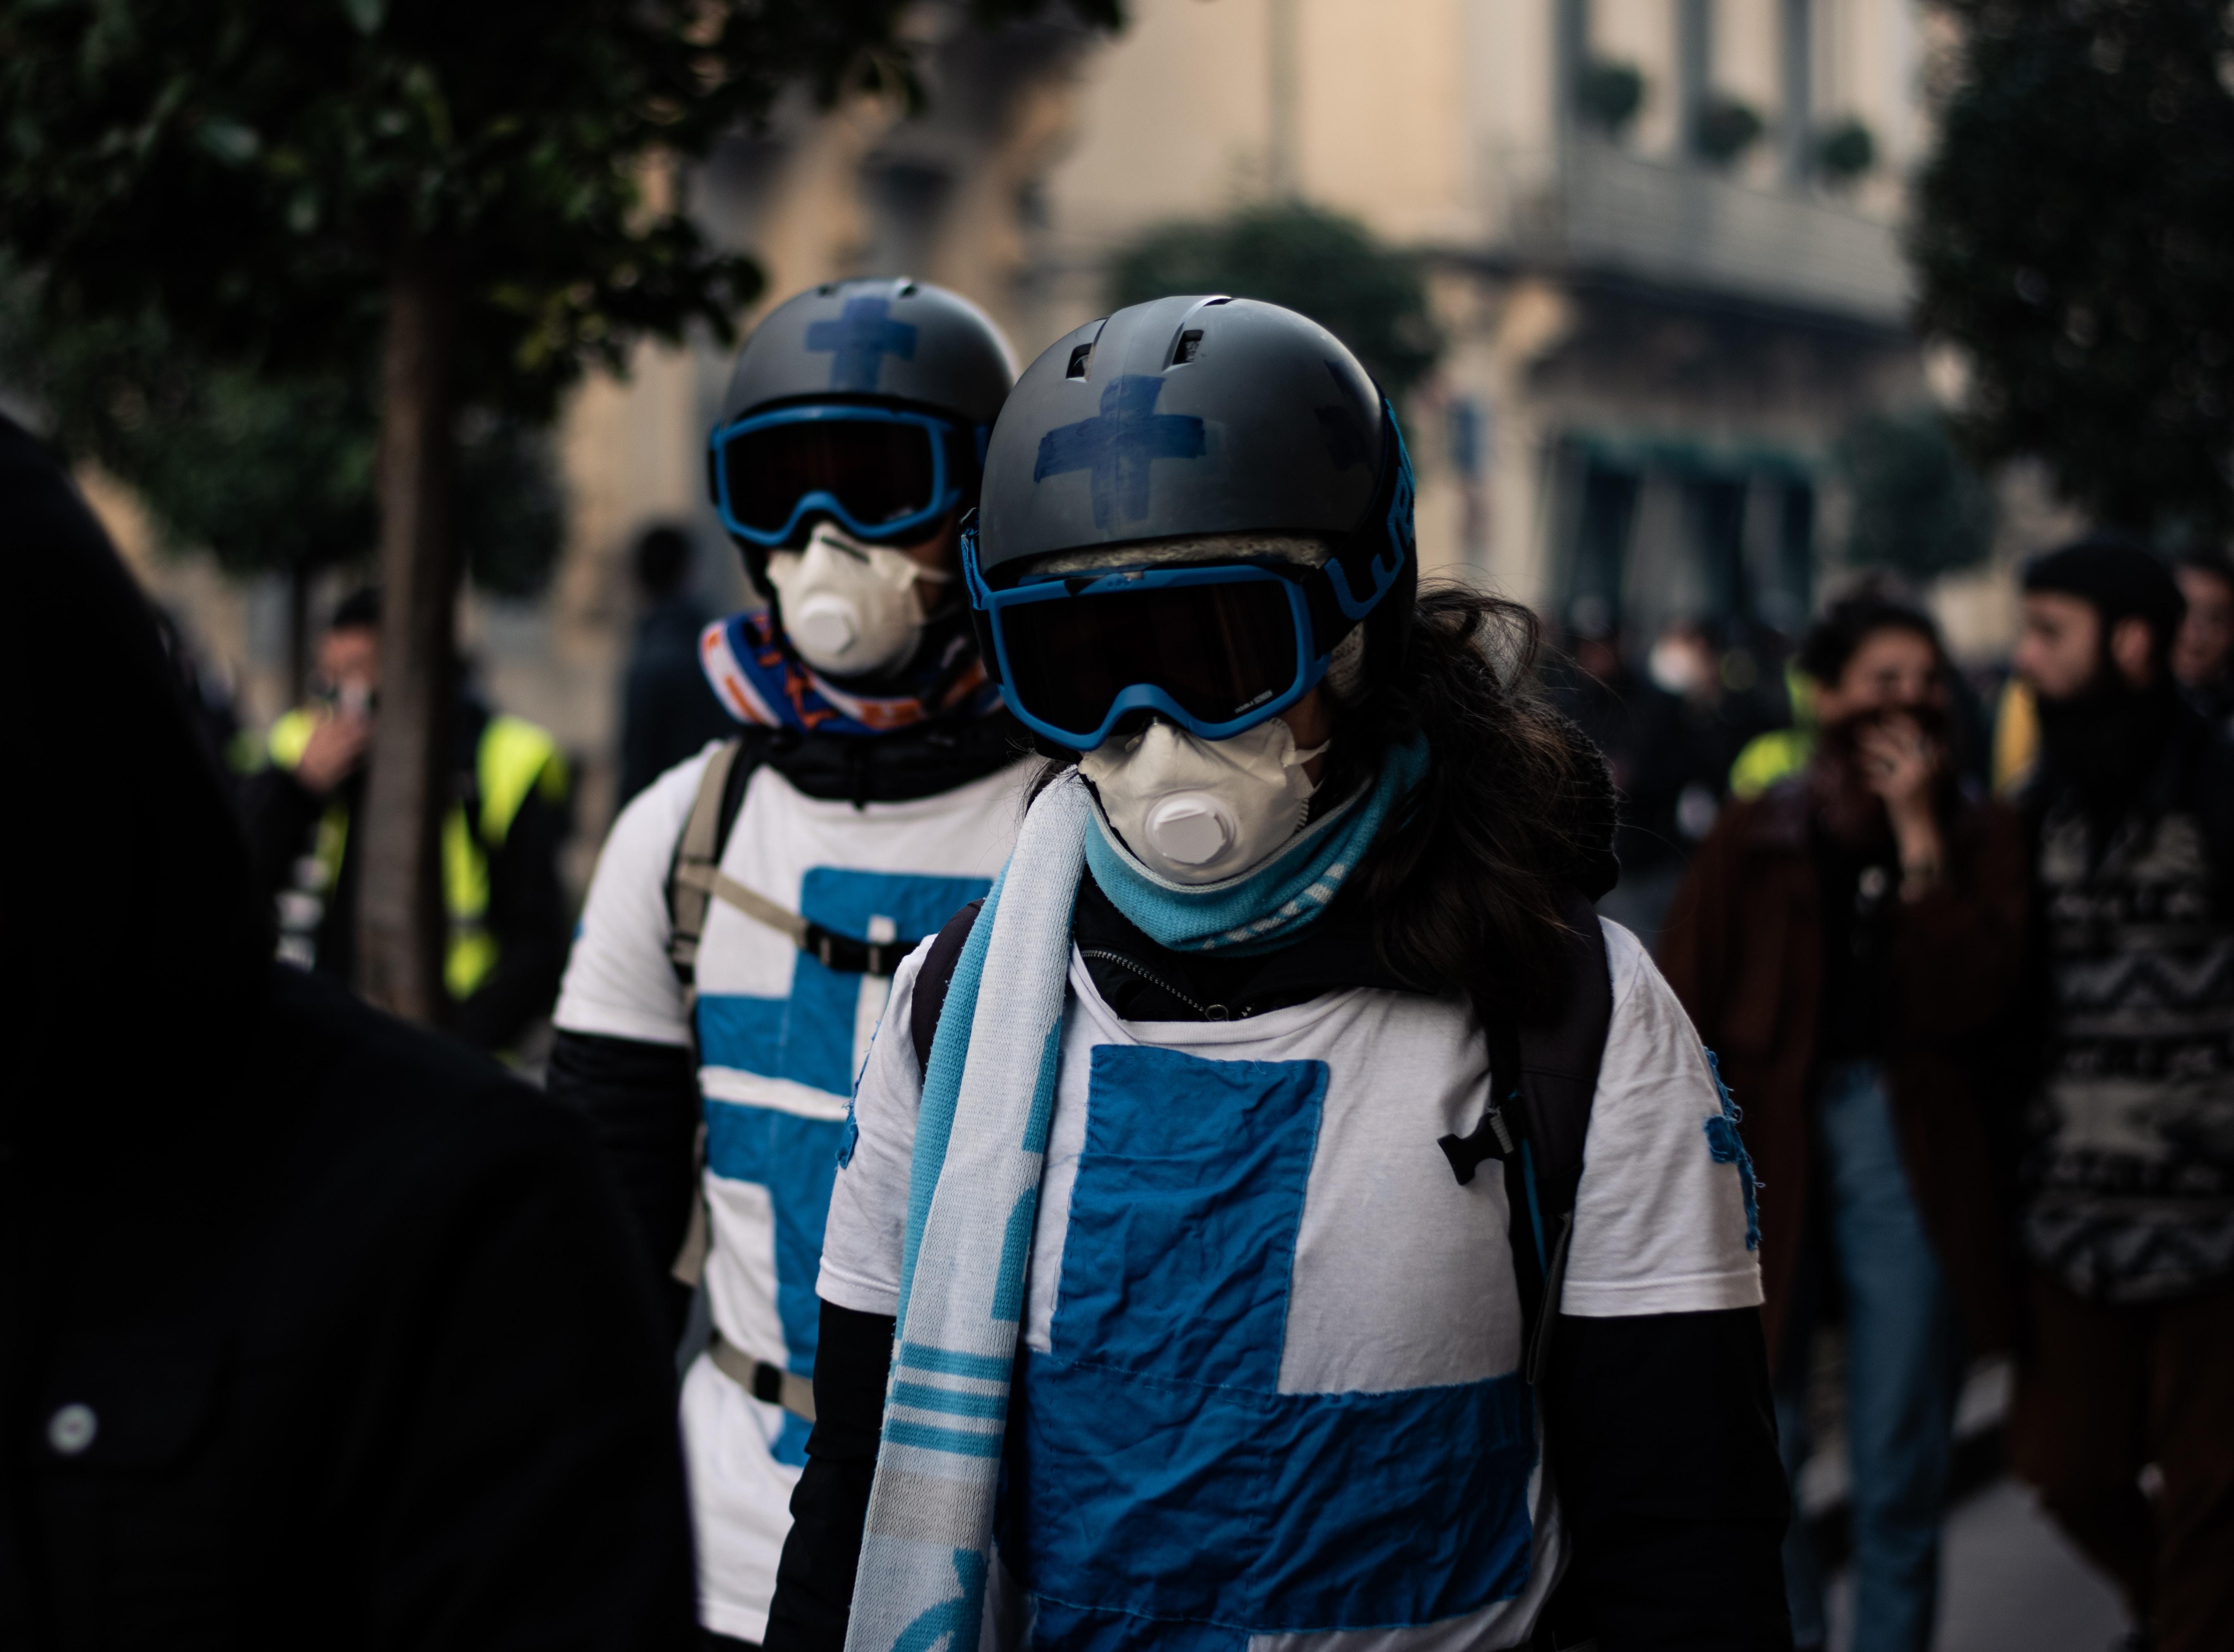 À Valence, Les Femmes Osent Entrer Dans Les Sex Shops Et Ne Se Cachent Plus